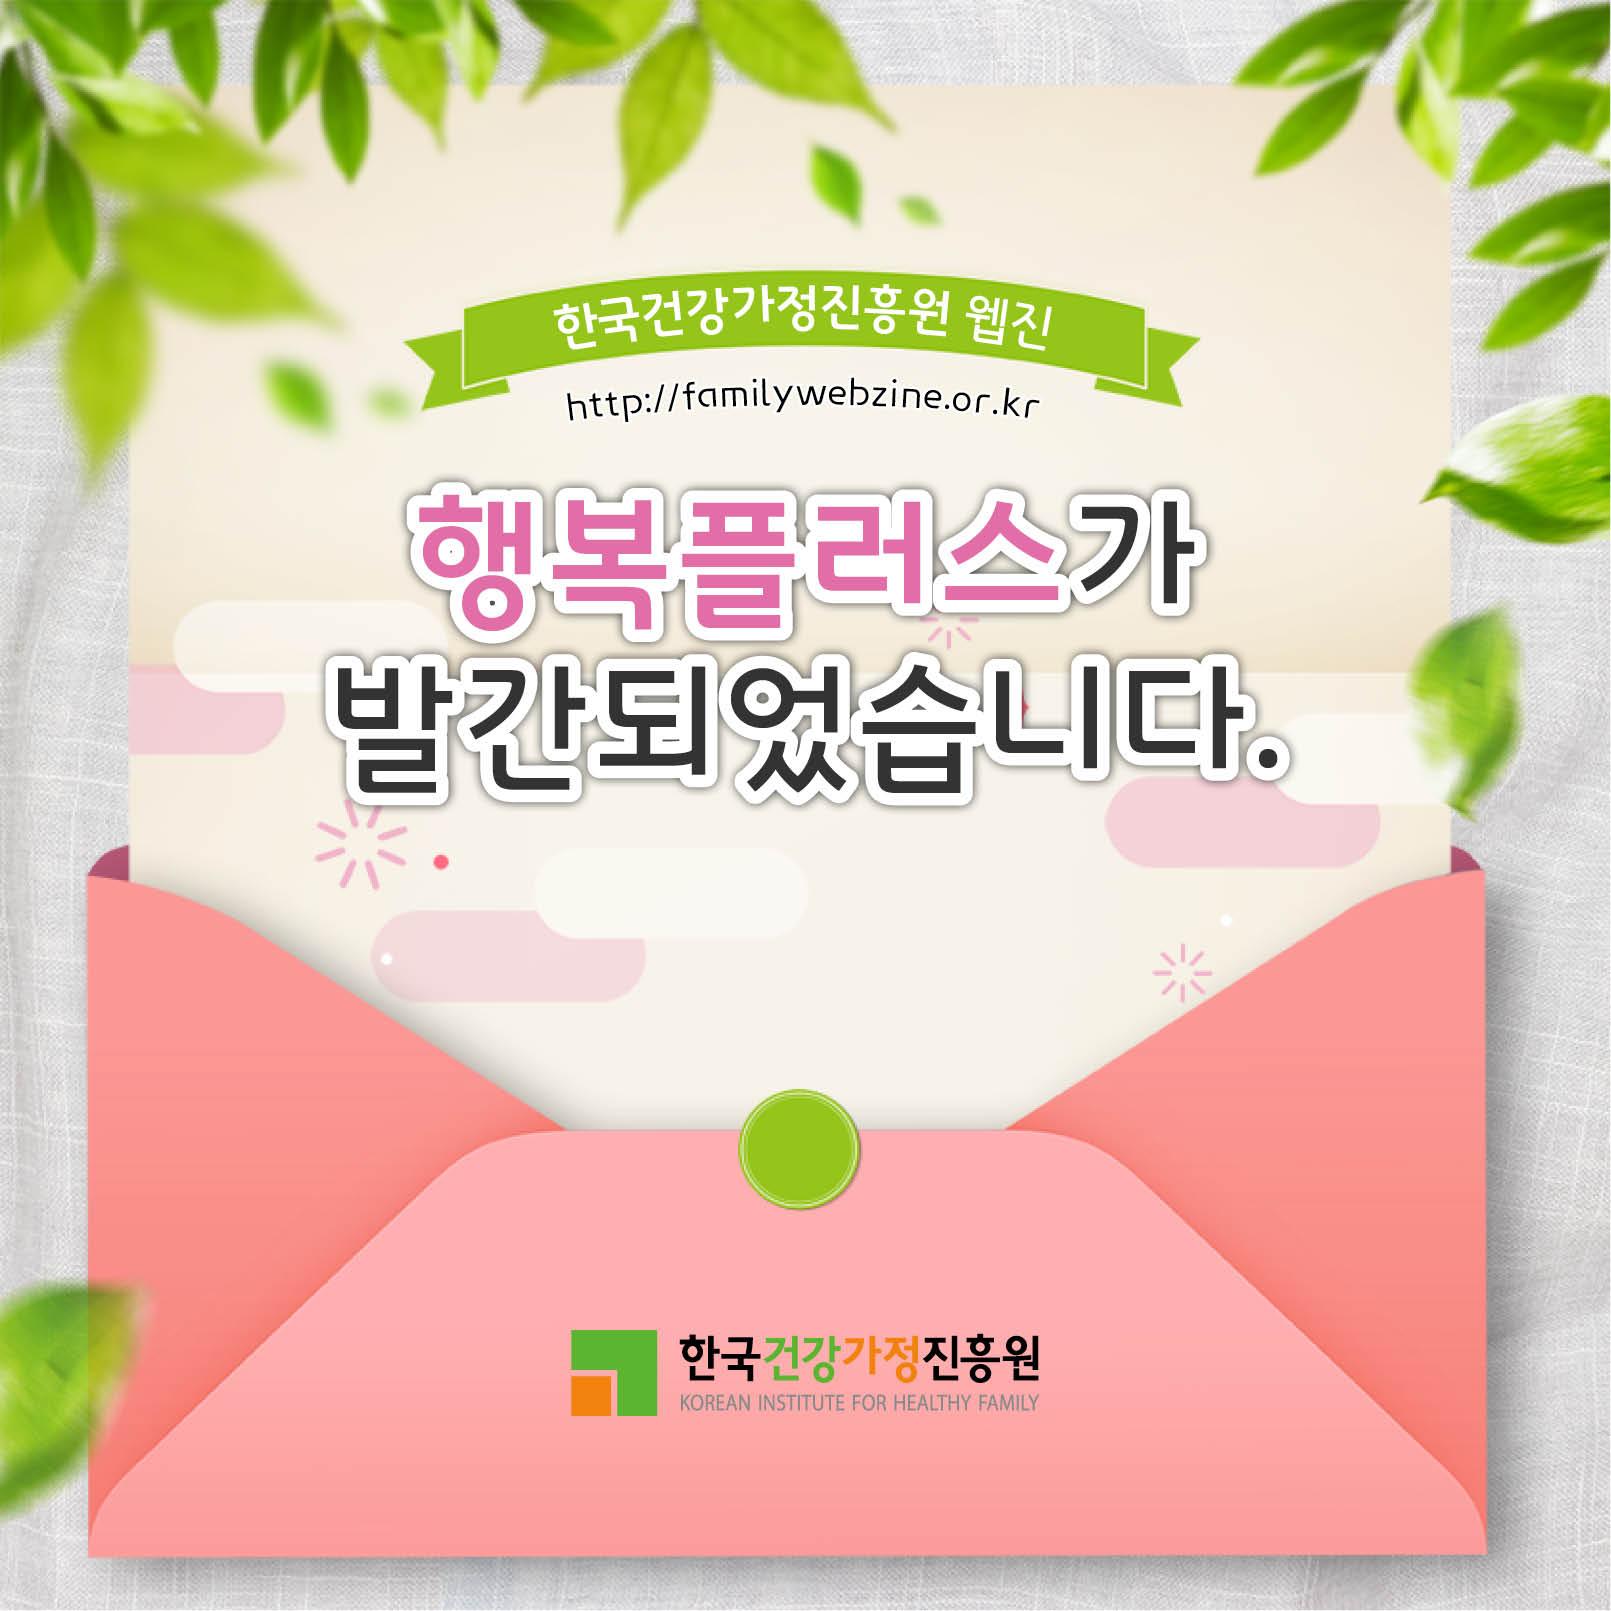 [카드뉴스] 한국건강가정진흥원 웹진 행복플러스 2019년 3월호 발간_1